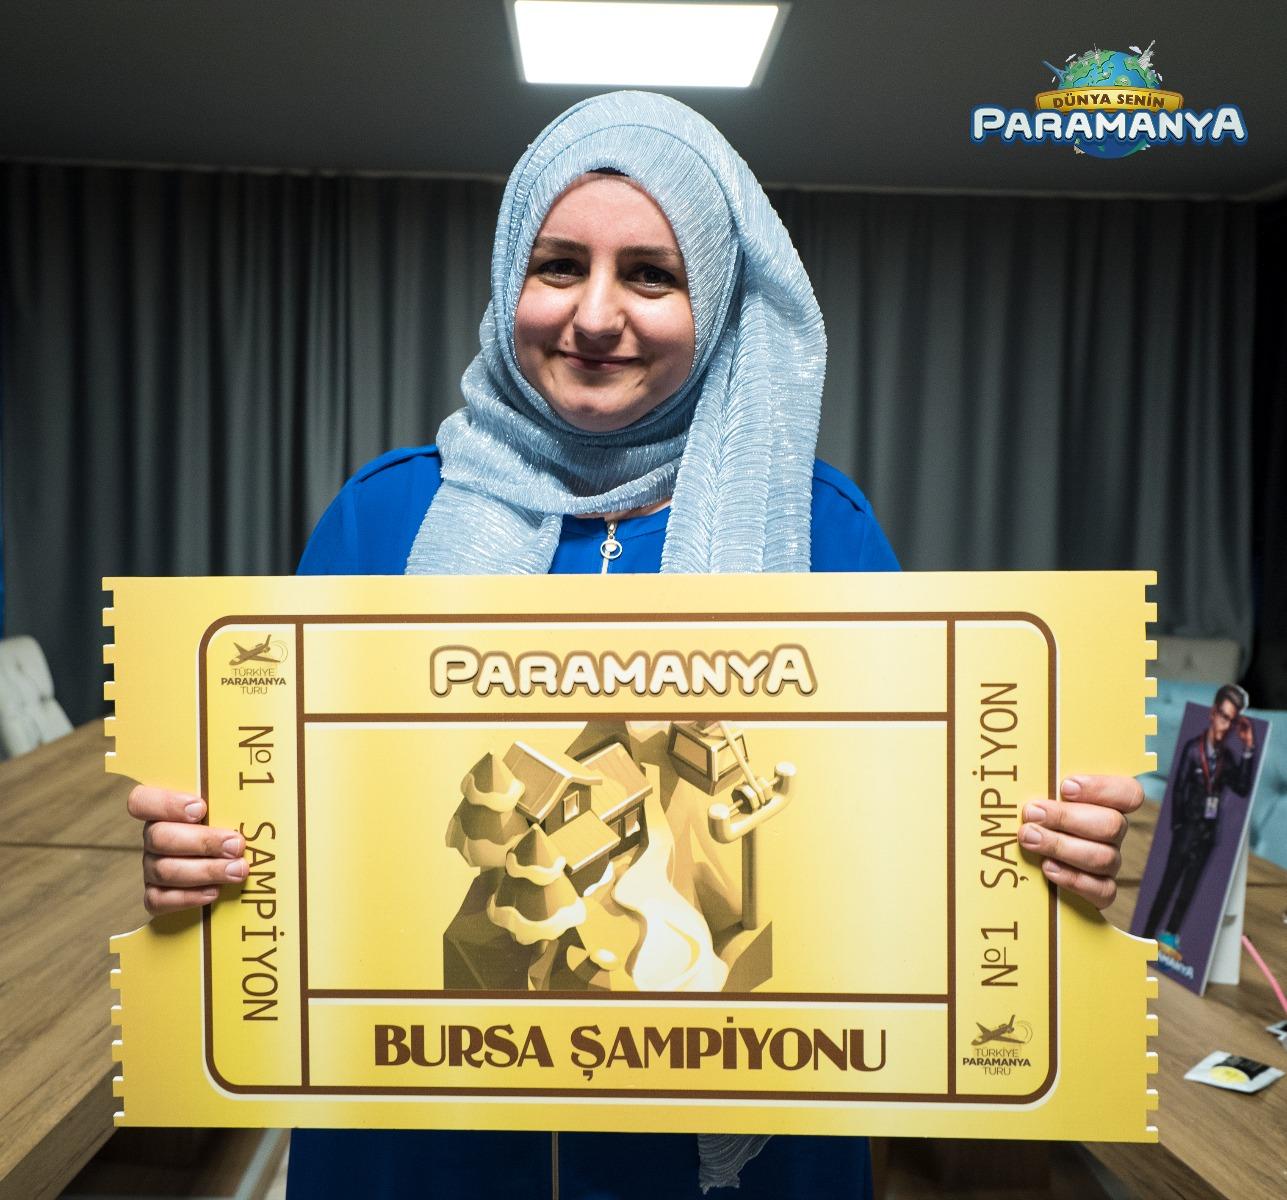 paramanya_bursa_sampiyon_merve_aydin_haberi